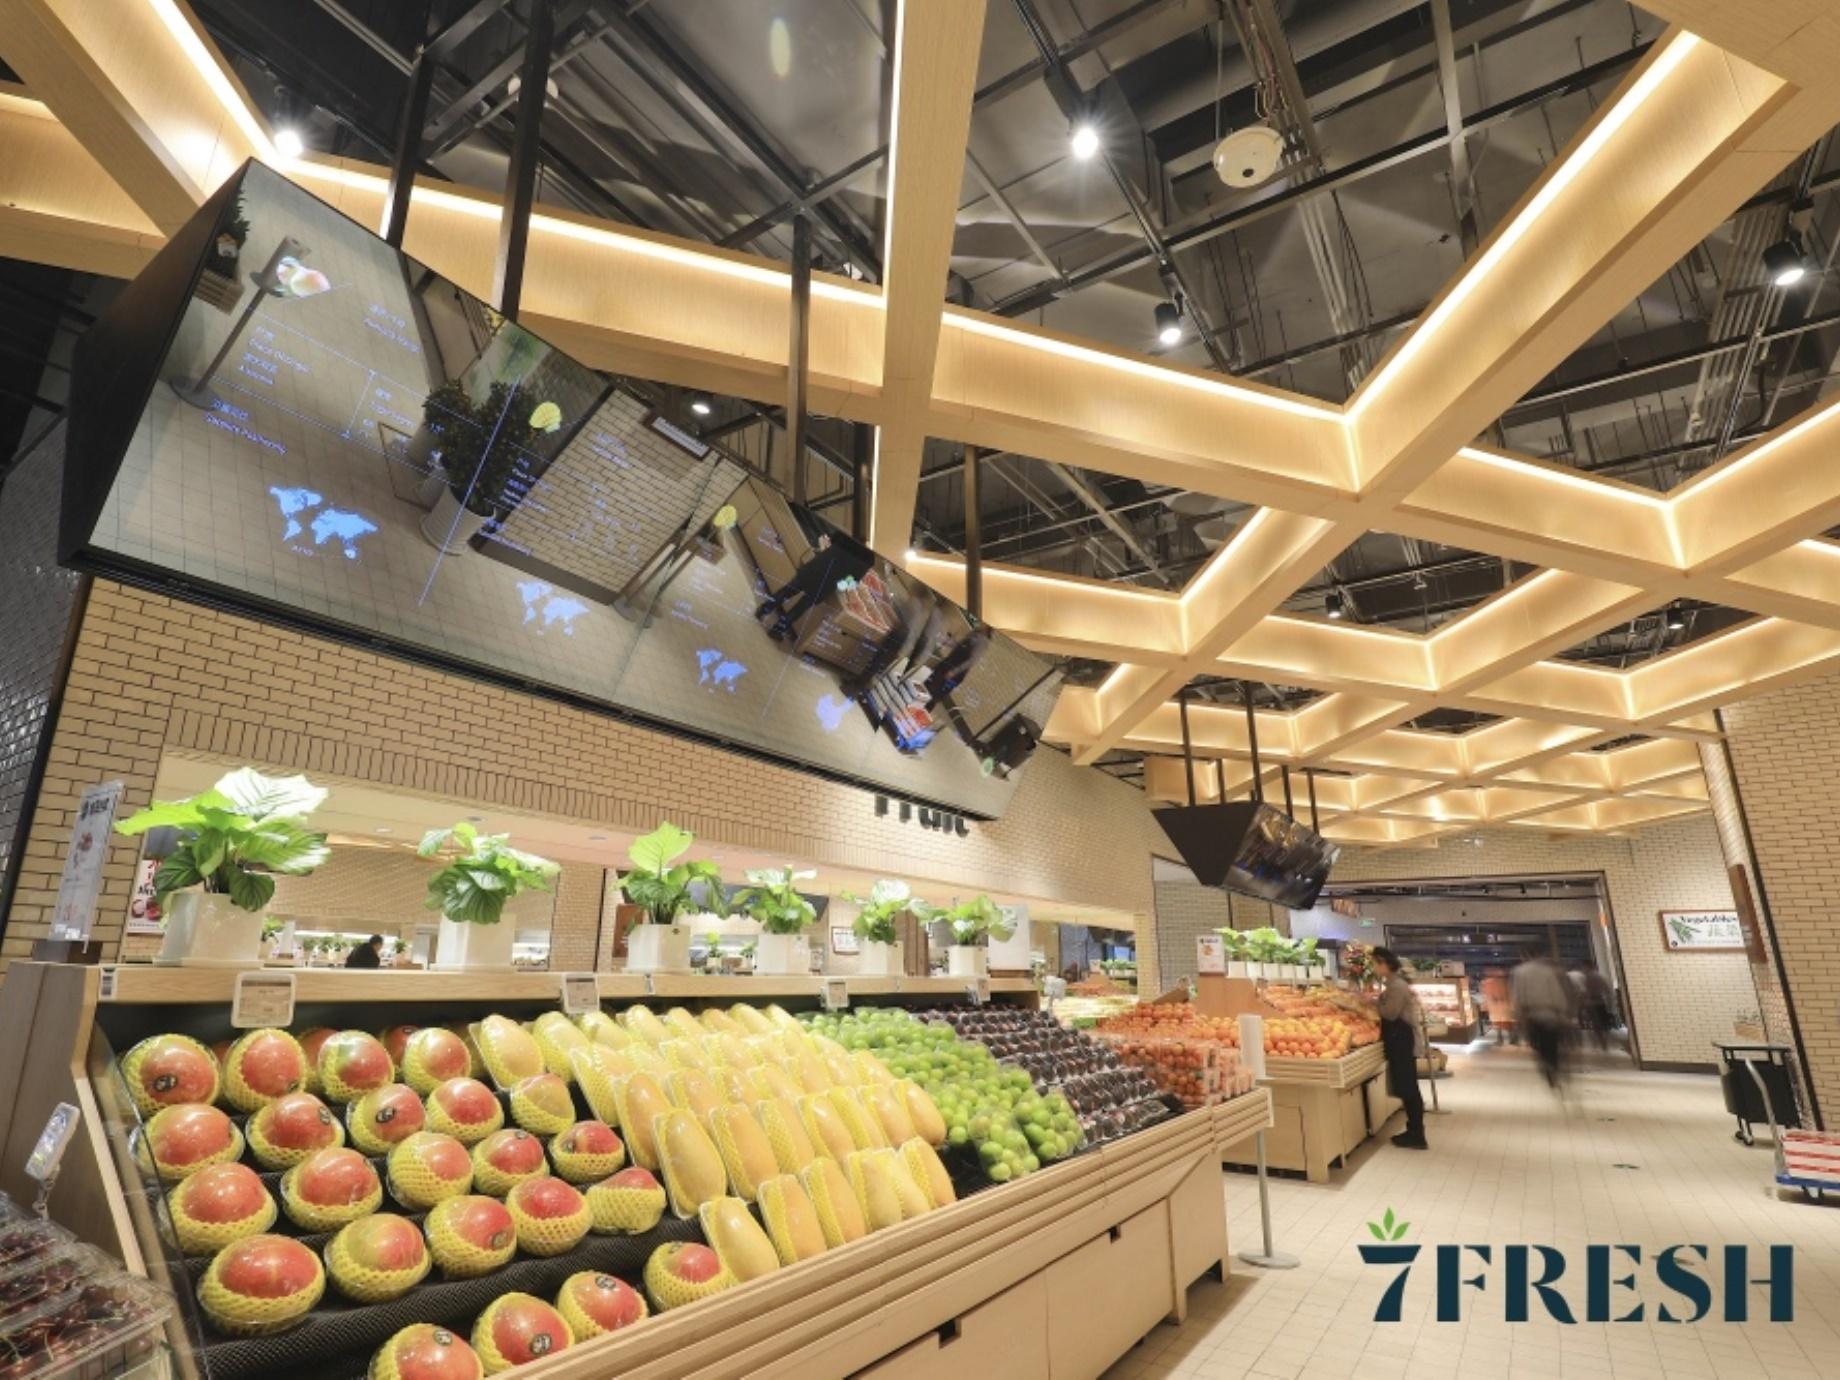 新零售與無界零售的正面對決!京東開設首家生鮮超市7FRESH